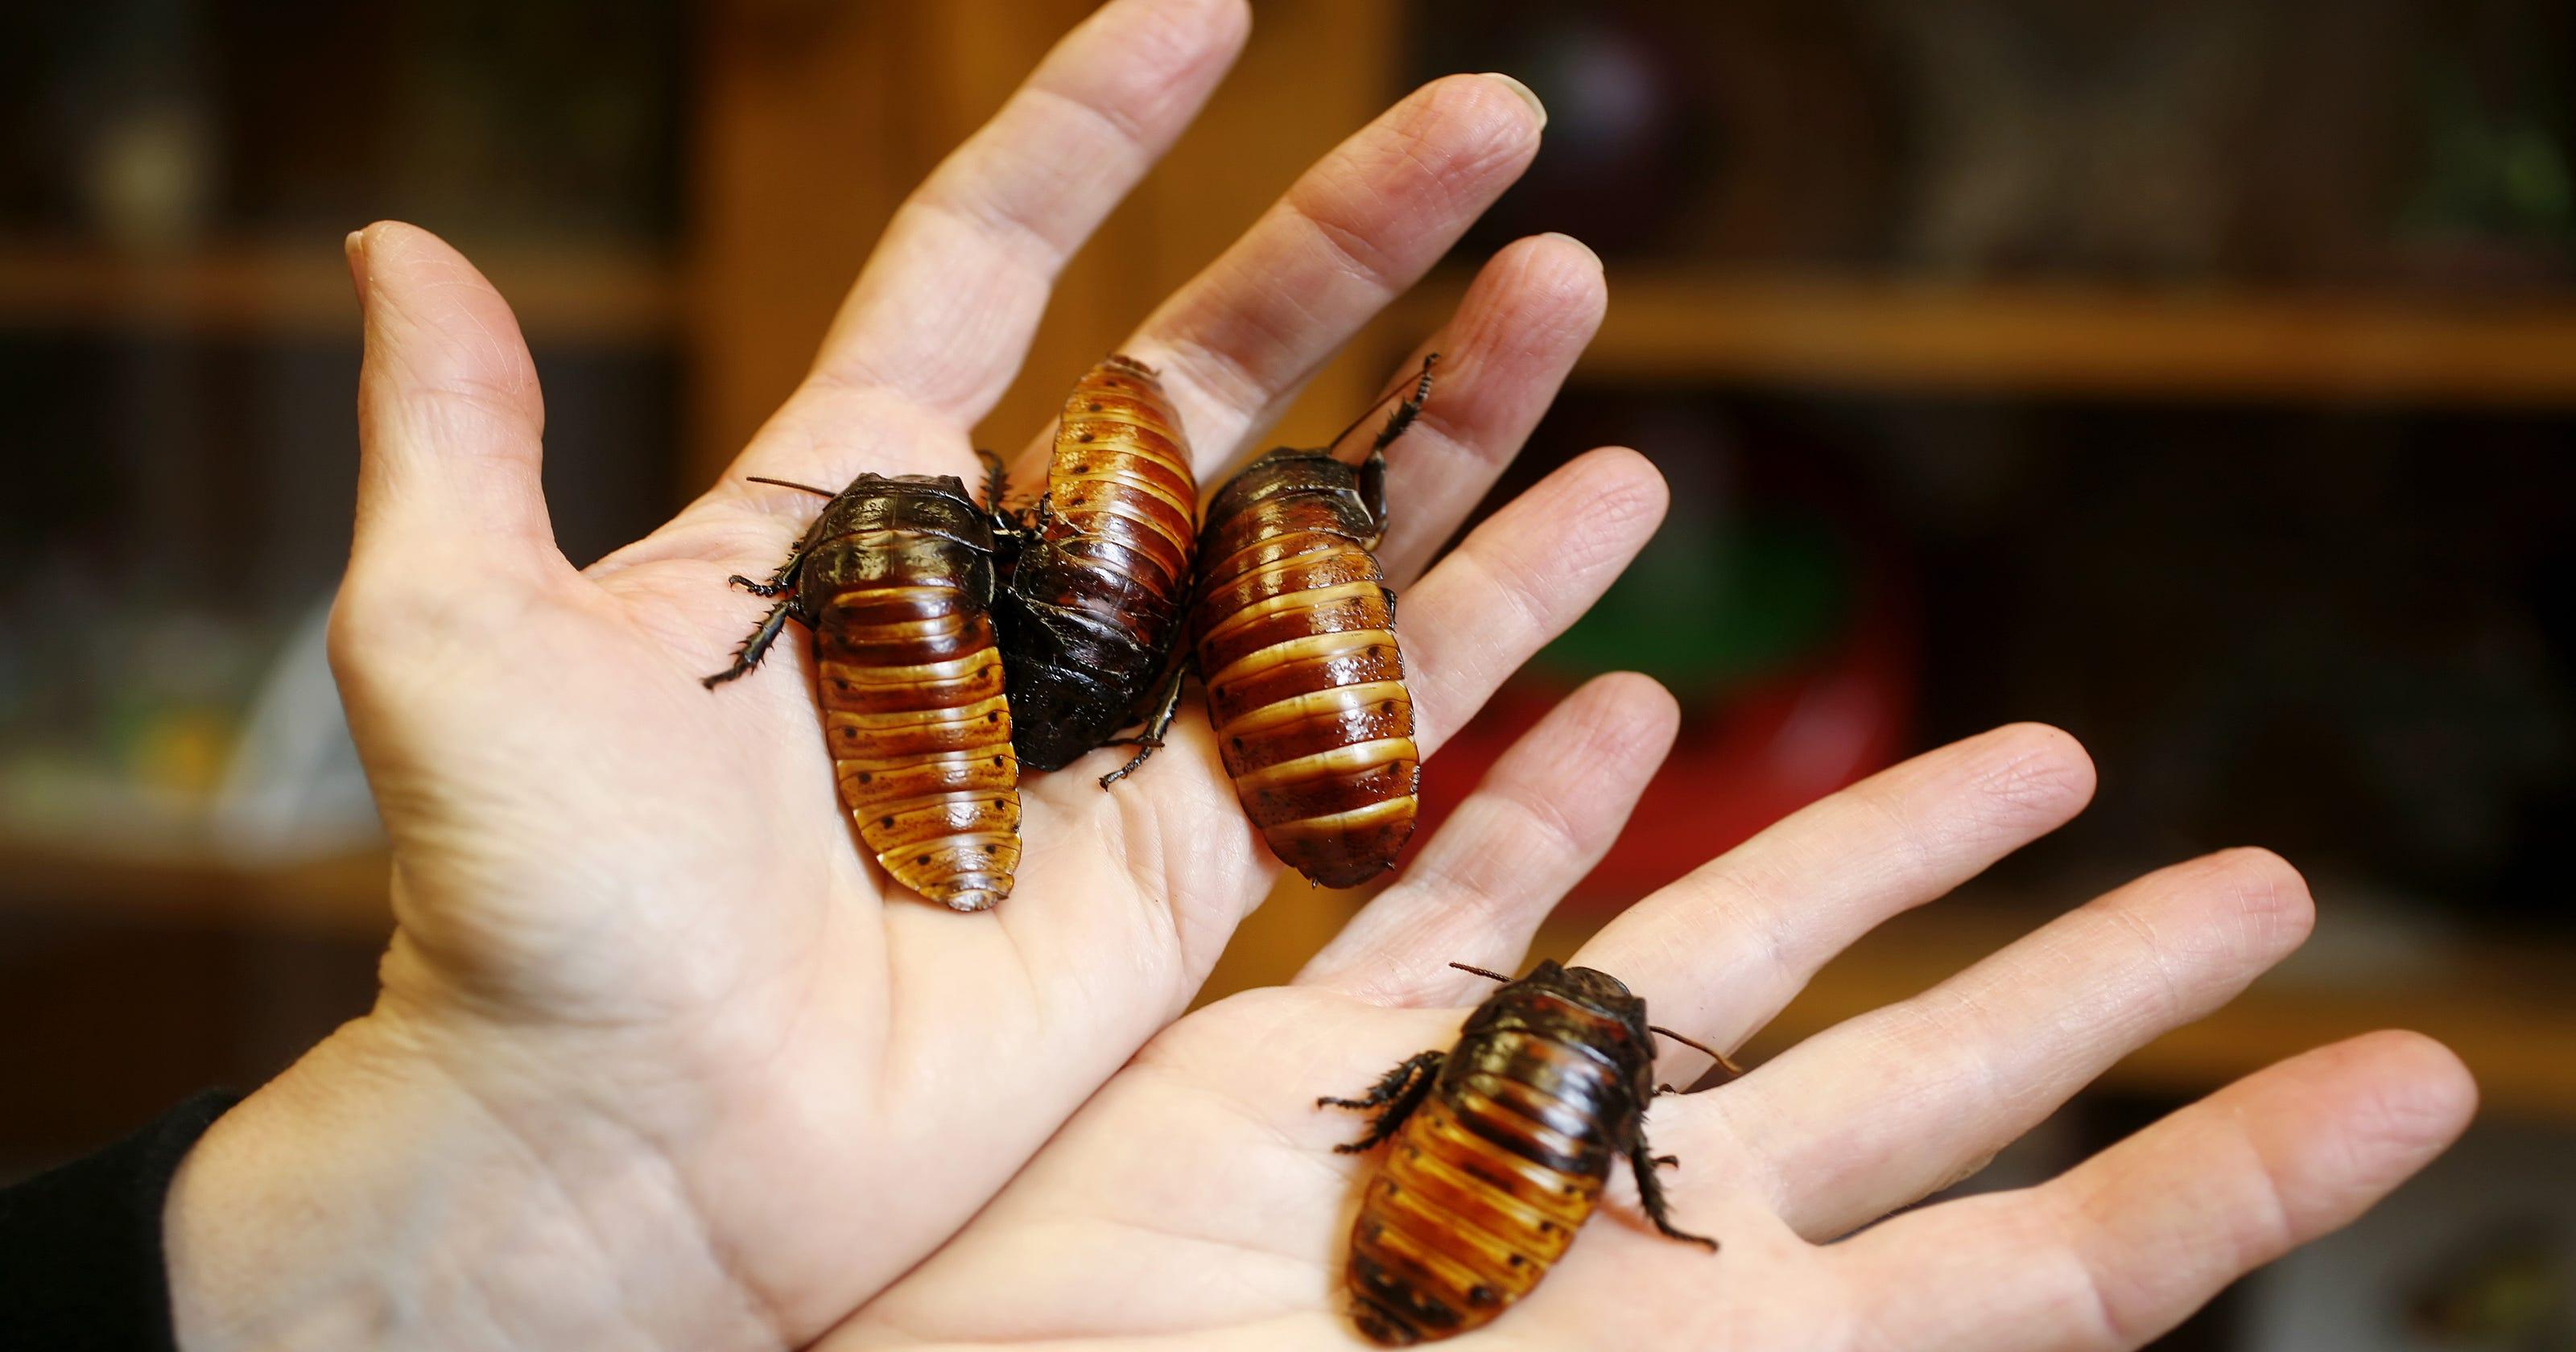 نتيجة بحث الصور عن Eat cockroaches